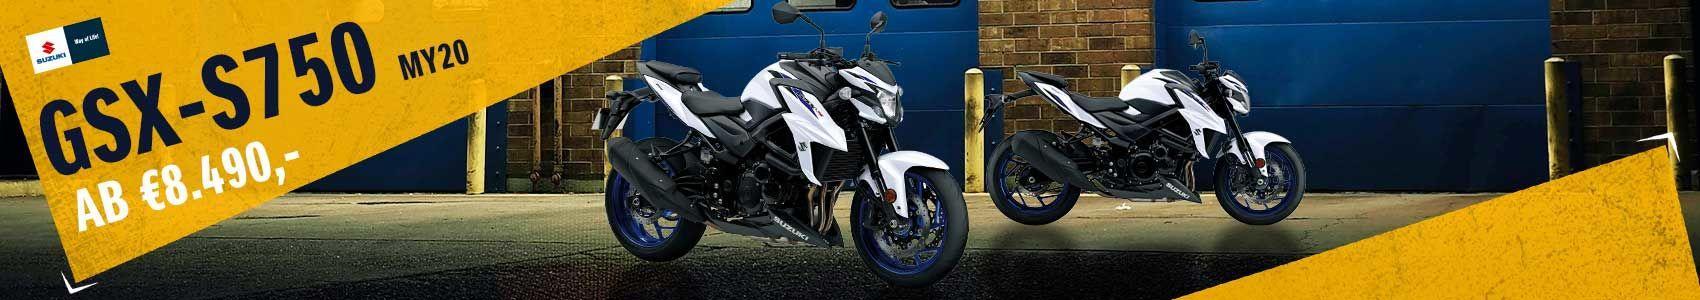 Suzuki GSX-S750 MY20 ab € 8.490,-